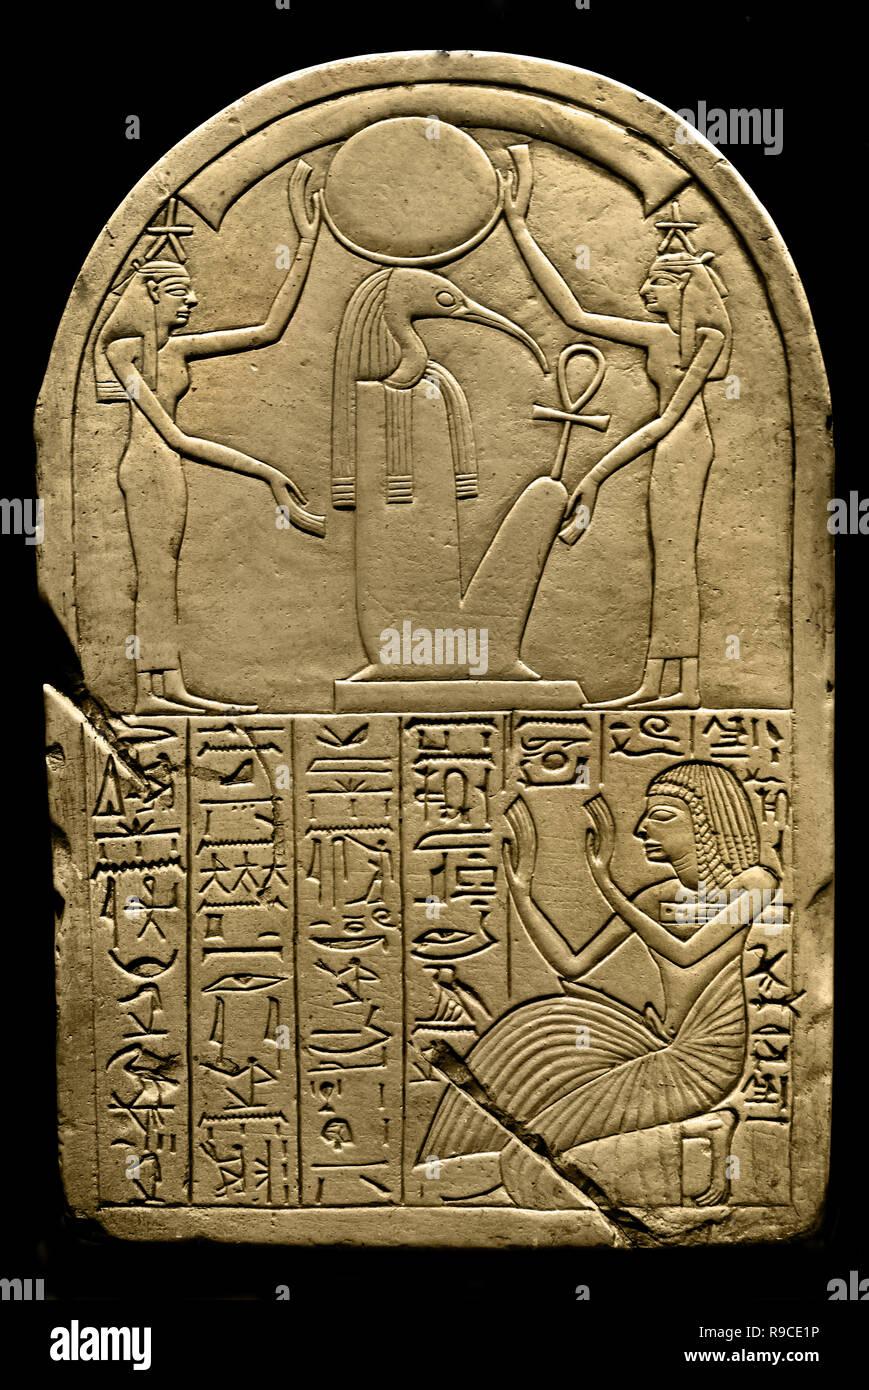 Thoth und die Sterne am Himmel. (Stele aus dem Verfasser der Stellungnahme für den Mond und die Sterne Gottes.) von Deir el Medina 19. Dynastie (1292-1191 v. Chr.), Ägypten, Ägyptische. Stockbild